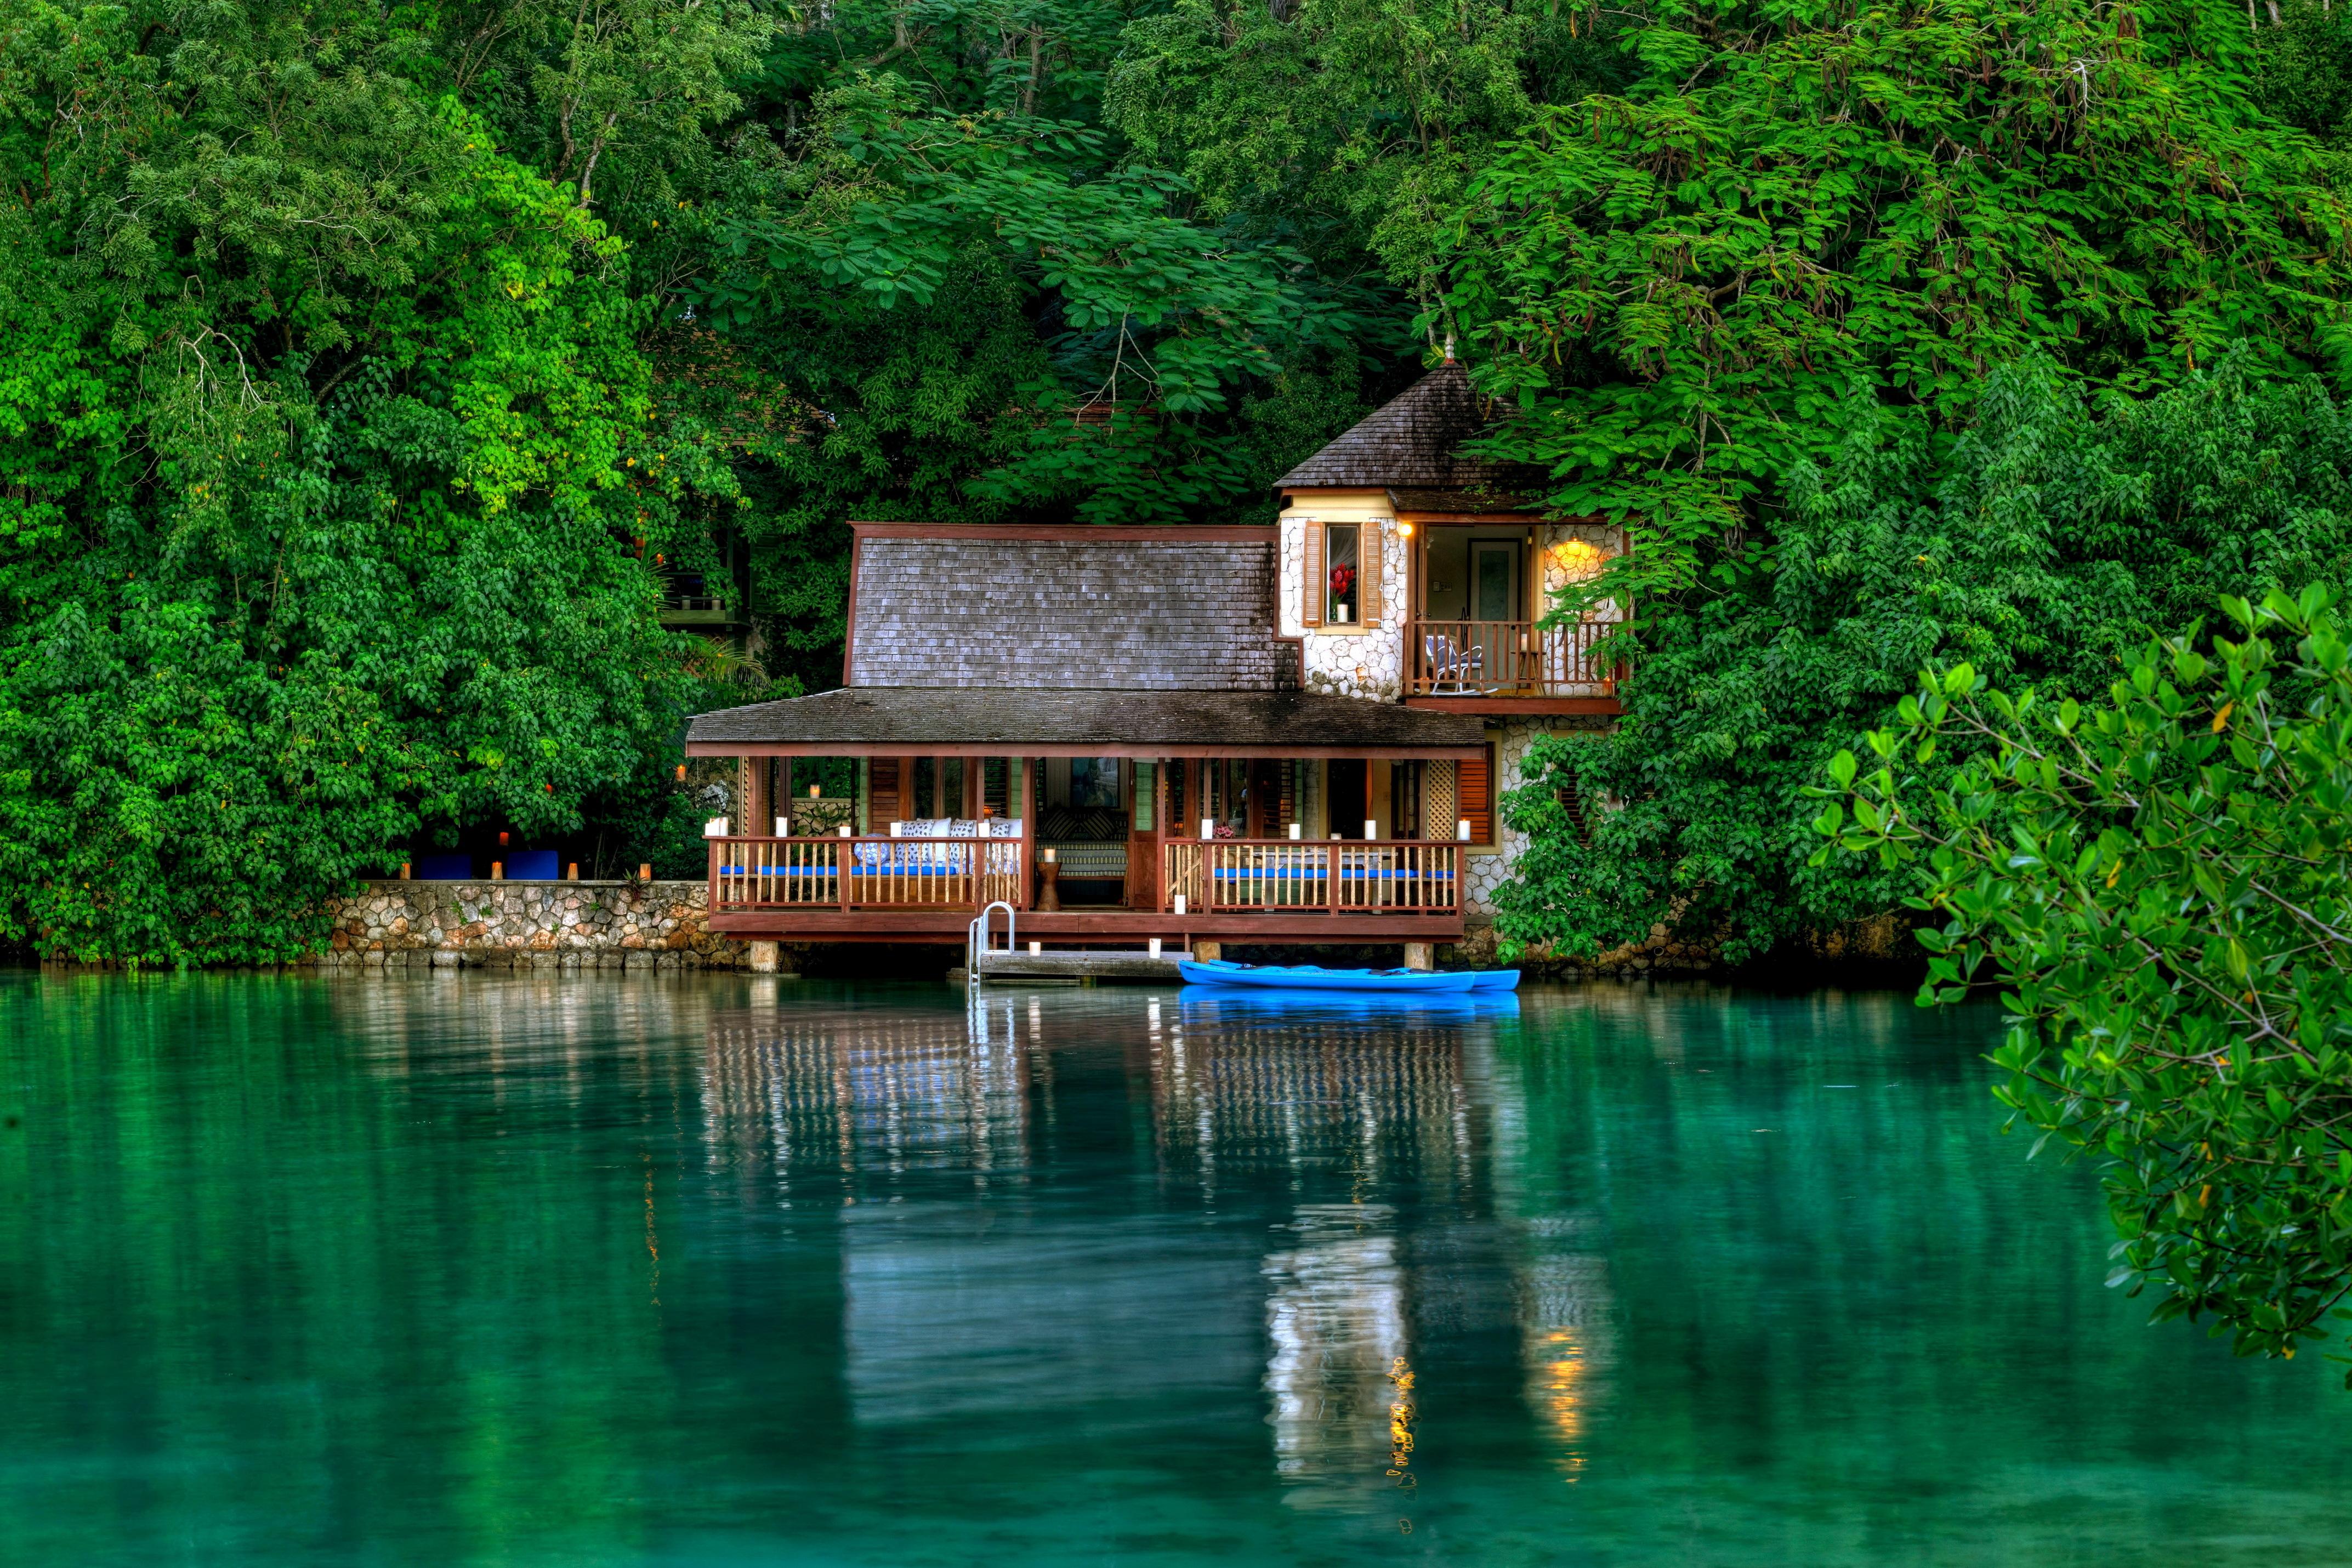 природа озеро дом лес деревья  № 2447877 бесплатно